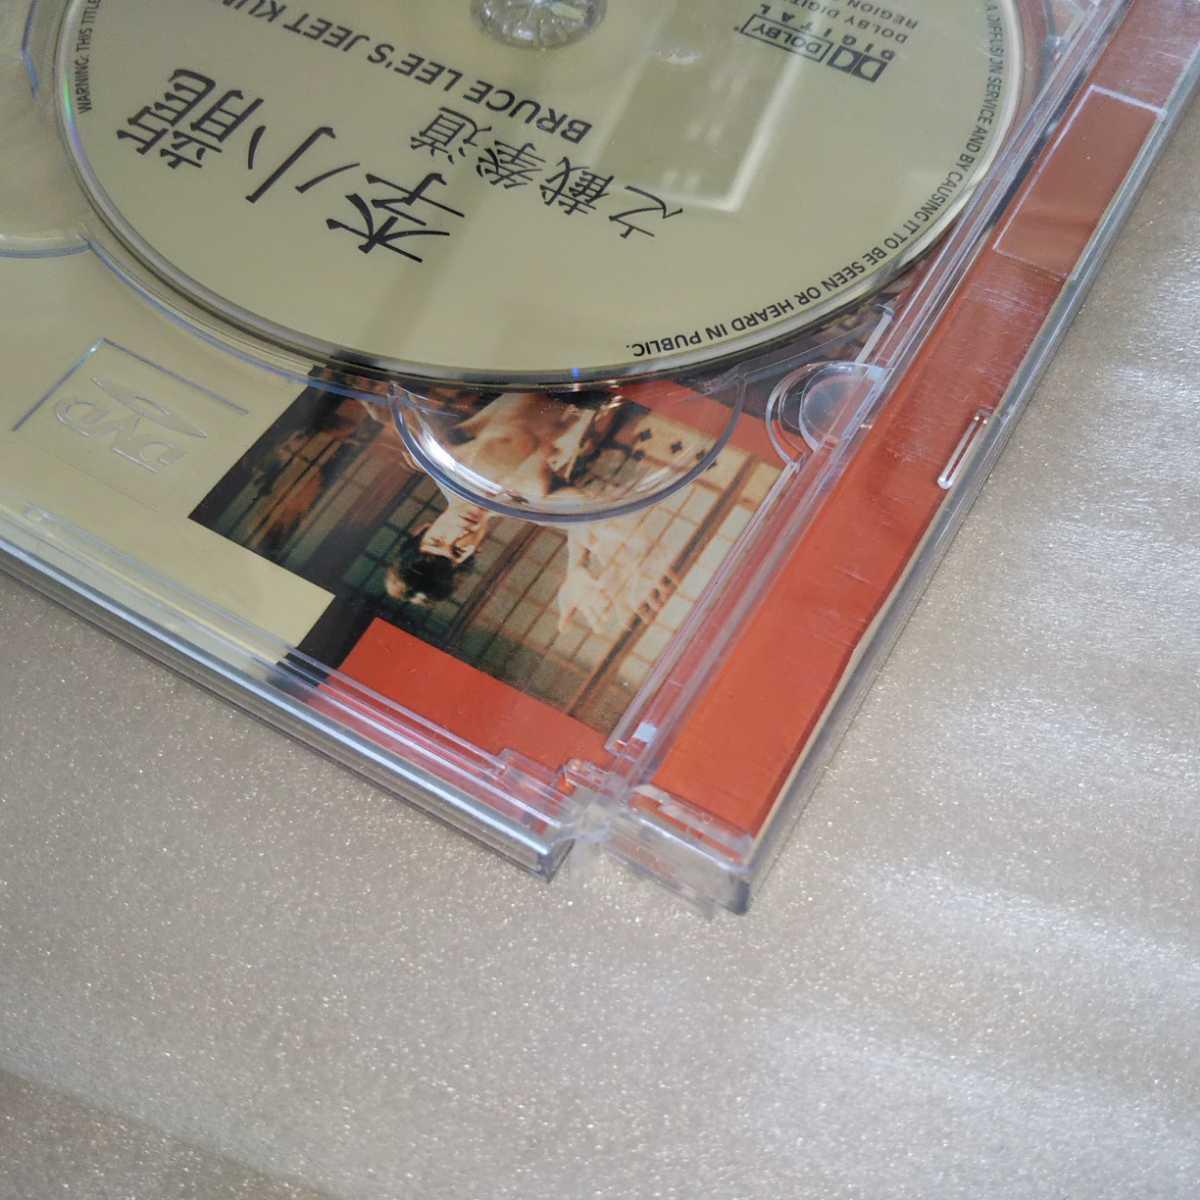 ブルース・リー BRUCE LEE'S JEET KUNE DO 香港盤DVD ジークンドー 李小龍之截拳道 ブランドン・リー ダン・イノサント カンフー ケース難_画像4